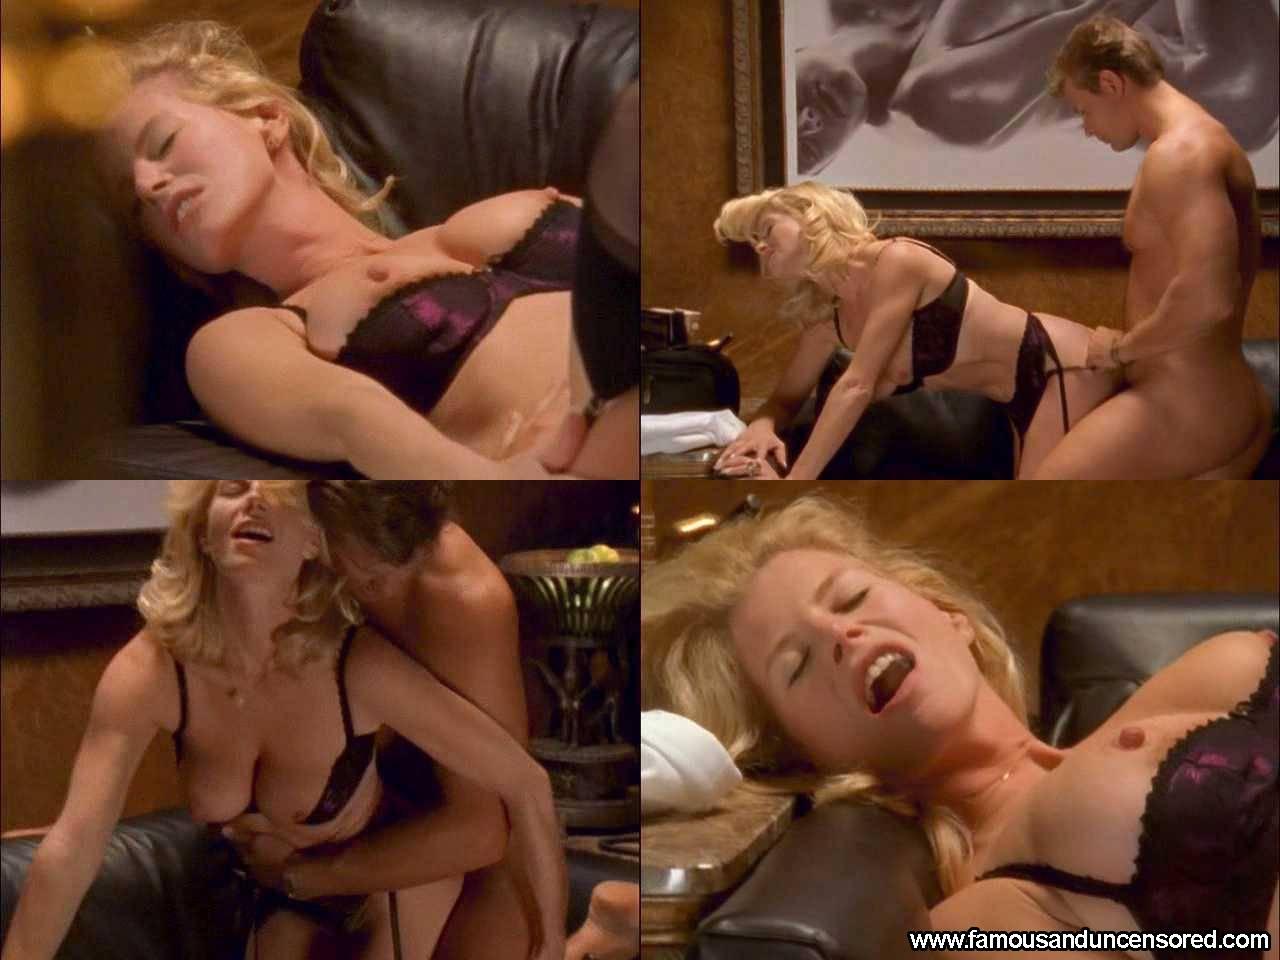 Обнаженные фото из секса в большом городе, девушка сидит на стуле раздвинув ноги картинки